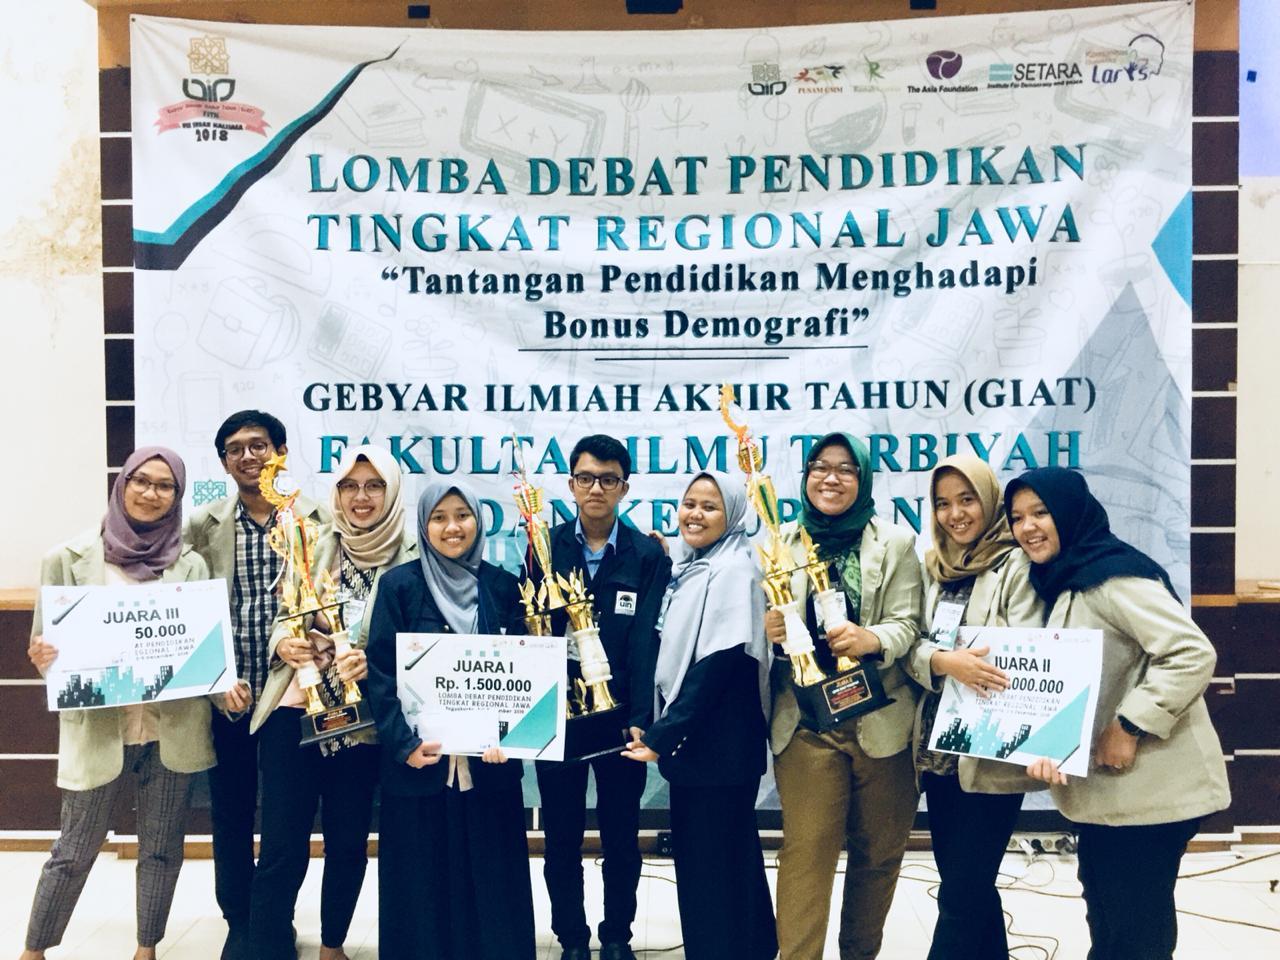 Mahasiswa UIN Jakarta Sabet Juara 1 Lomba Debat Pendidikan